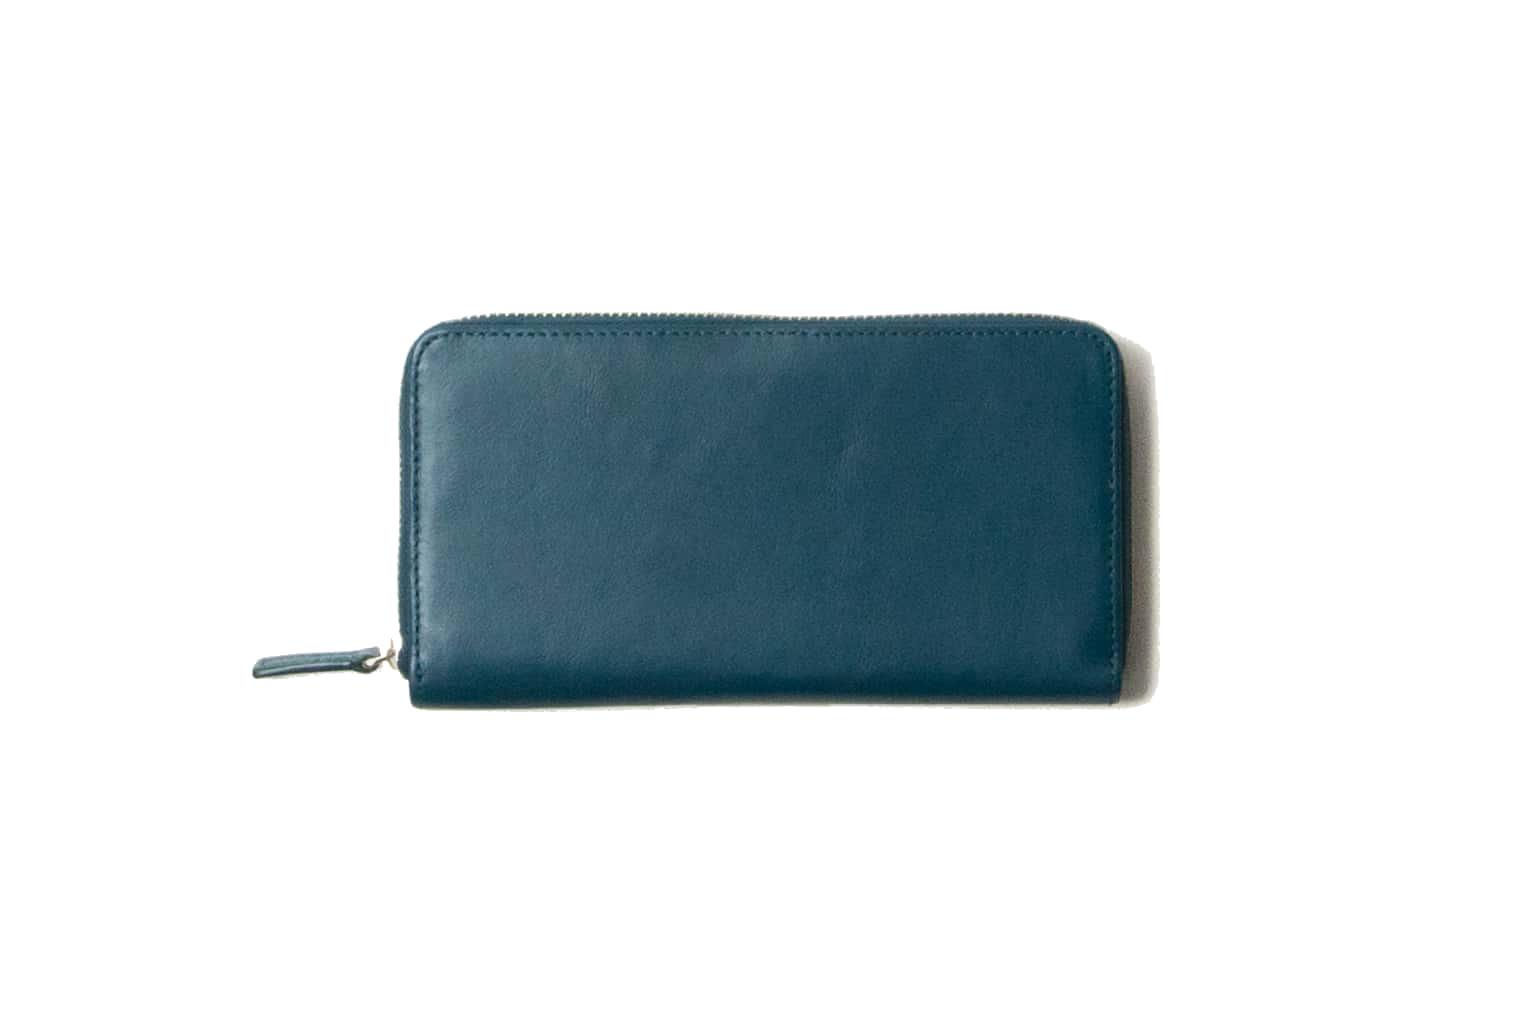 ピーコックブルー Business Leather Factory(ビジネスレザーファクトリー) 長財布(ラウンドファスナー)